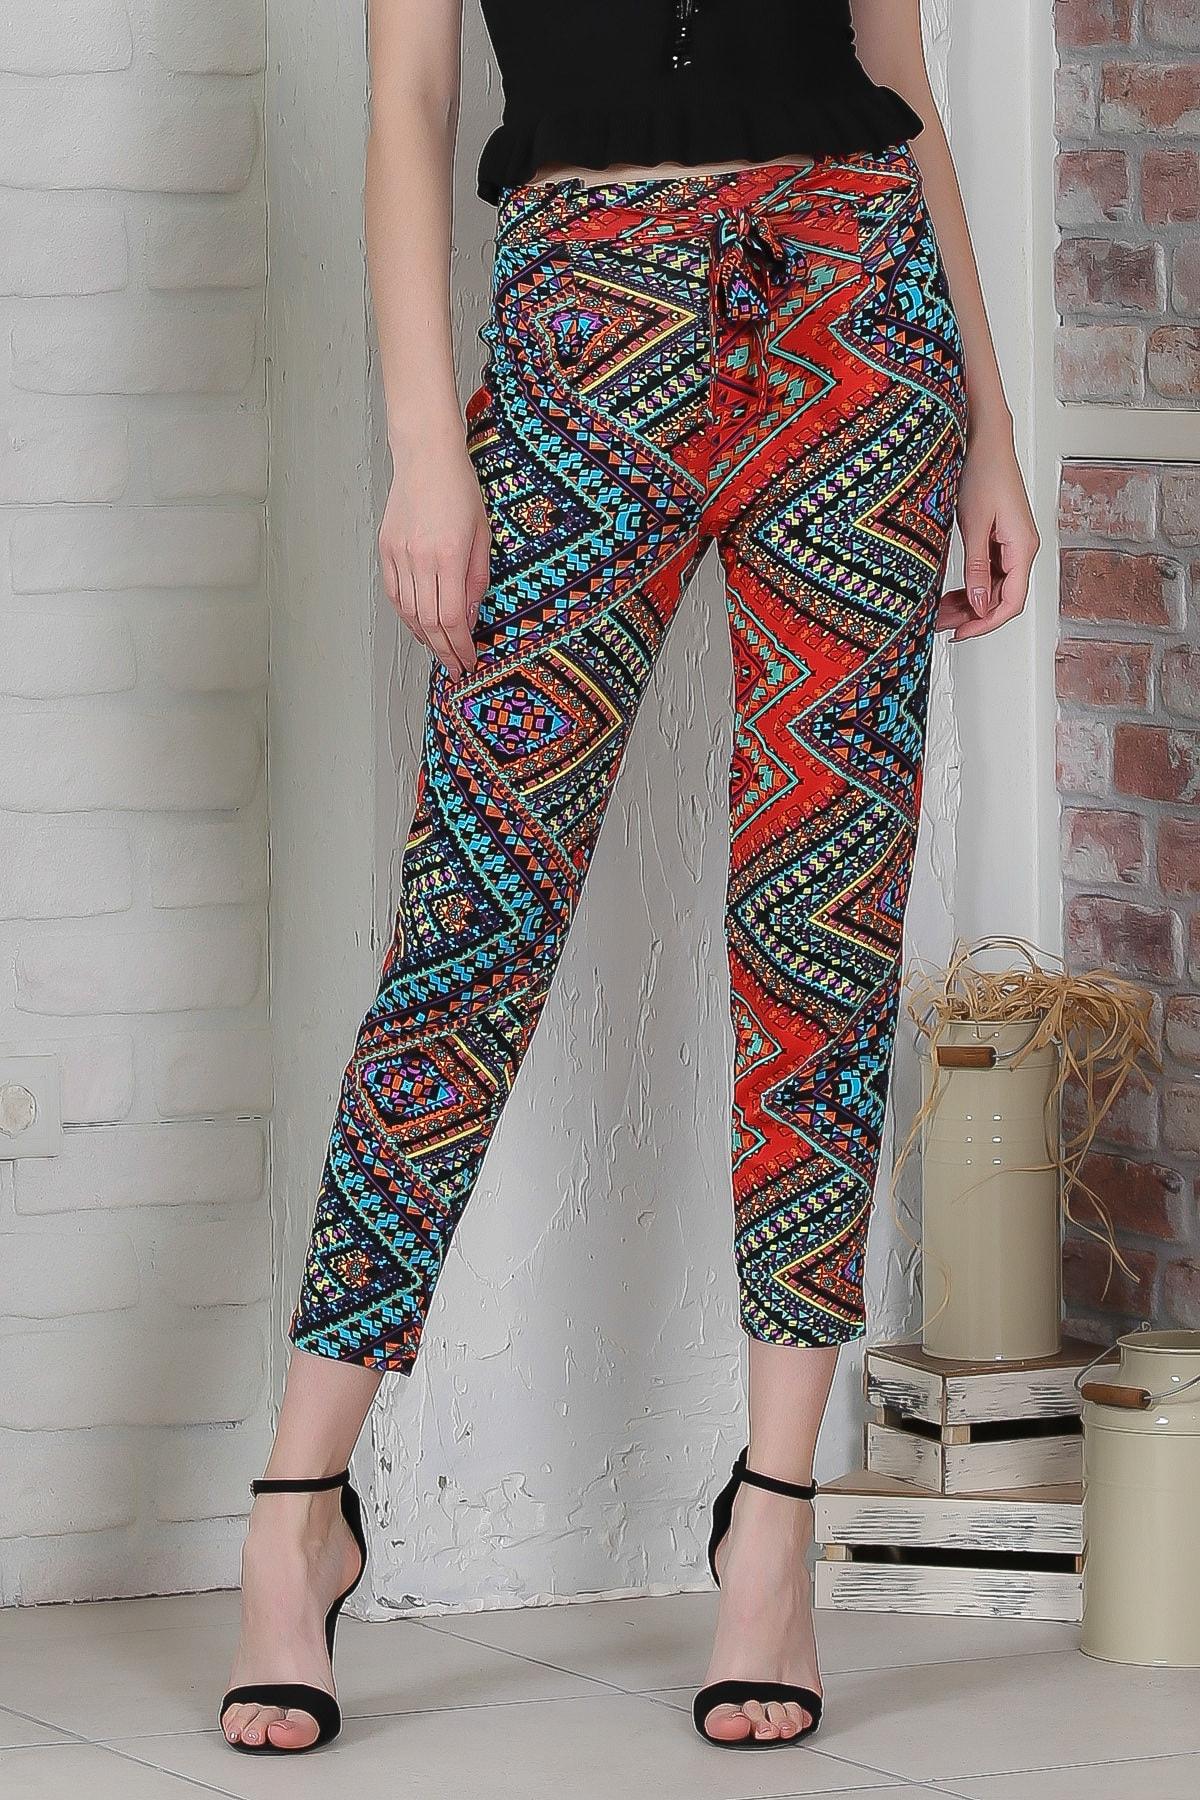 Chiccy Kadın Kırmızı-Siyah Kilim Desenli Bağlamalı Dar Paça Pantolon M10060000PN98923 3